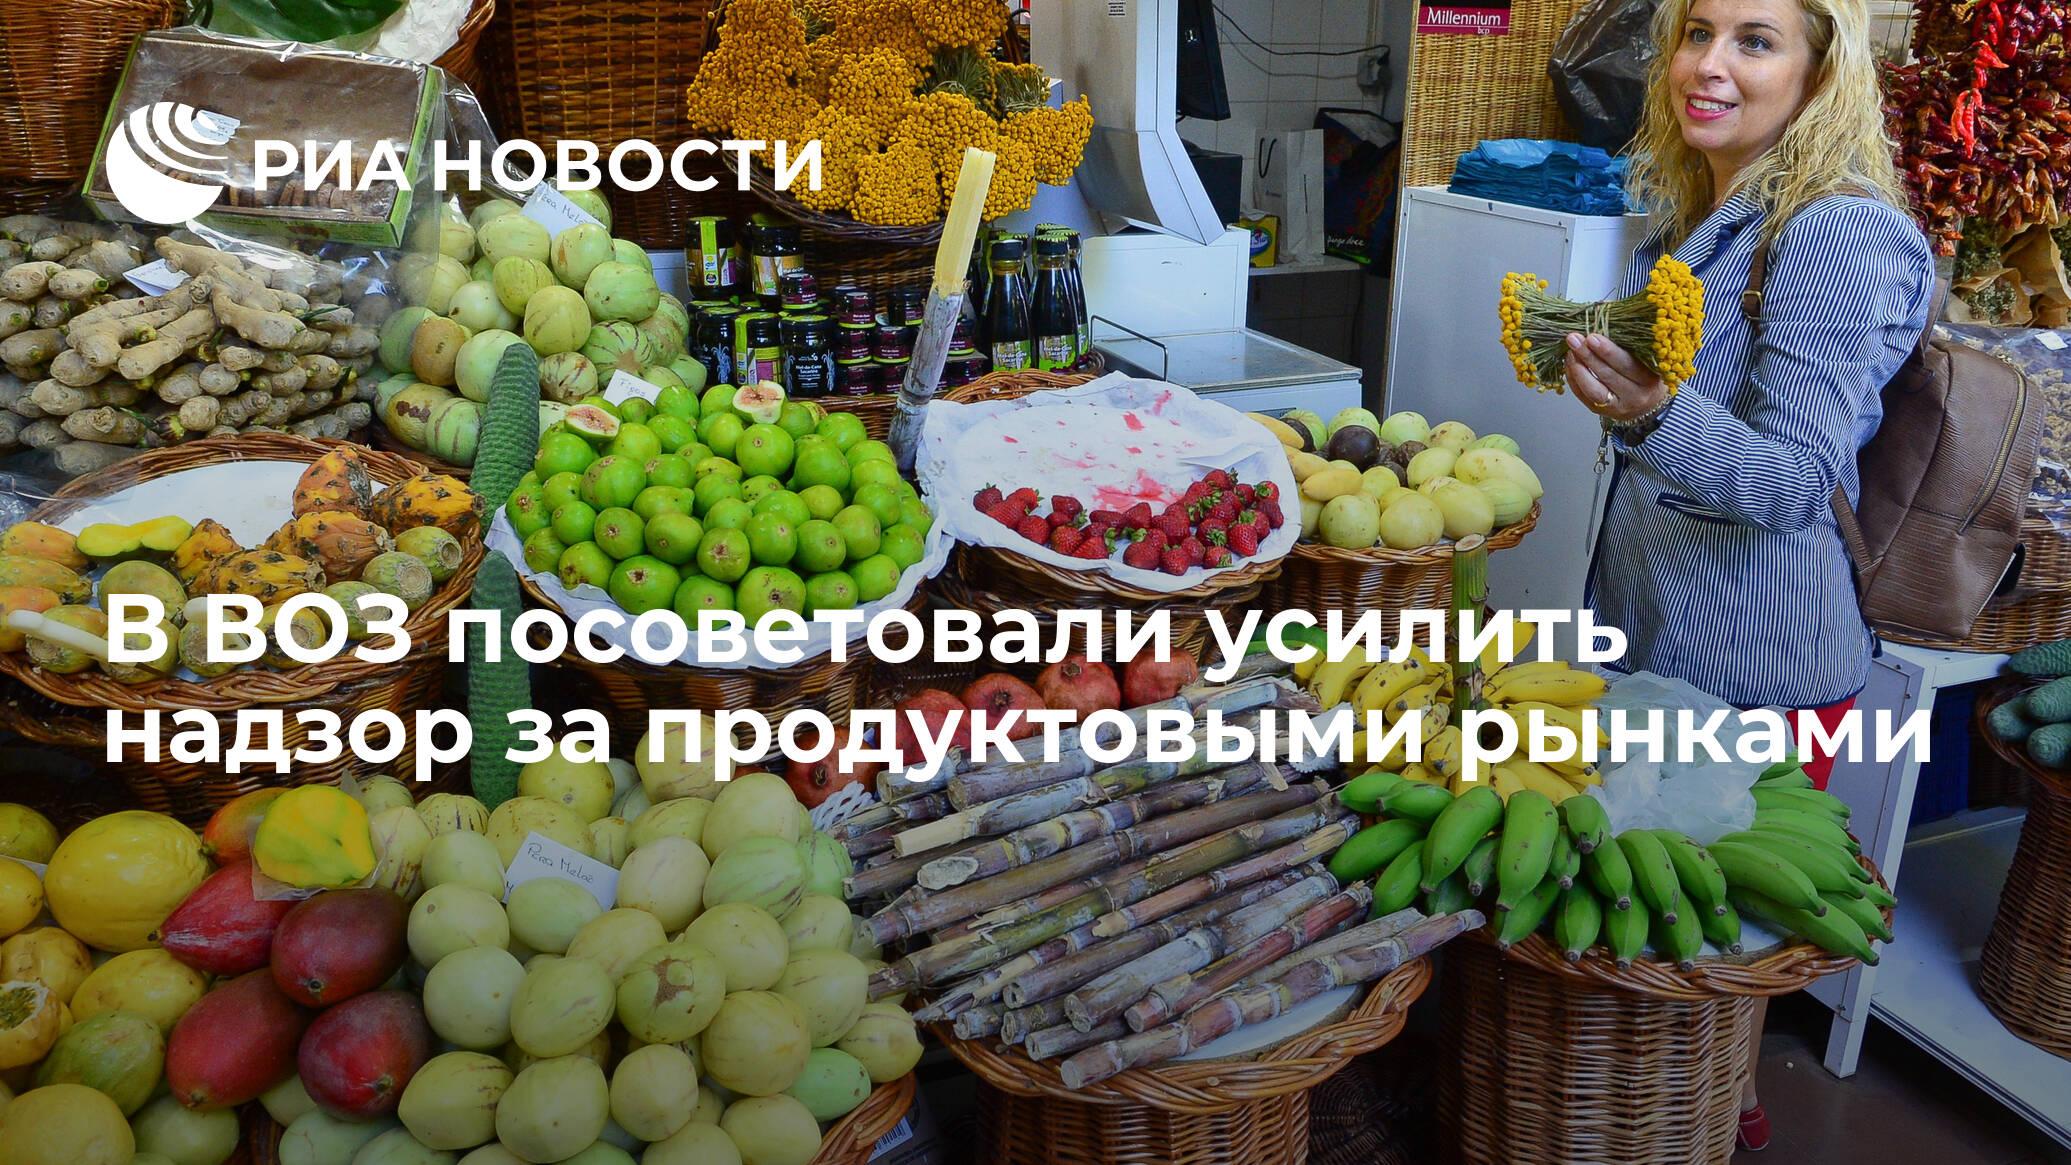 В ВОЗ посоветовали усилить надзор за продуктовыми рынками